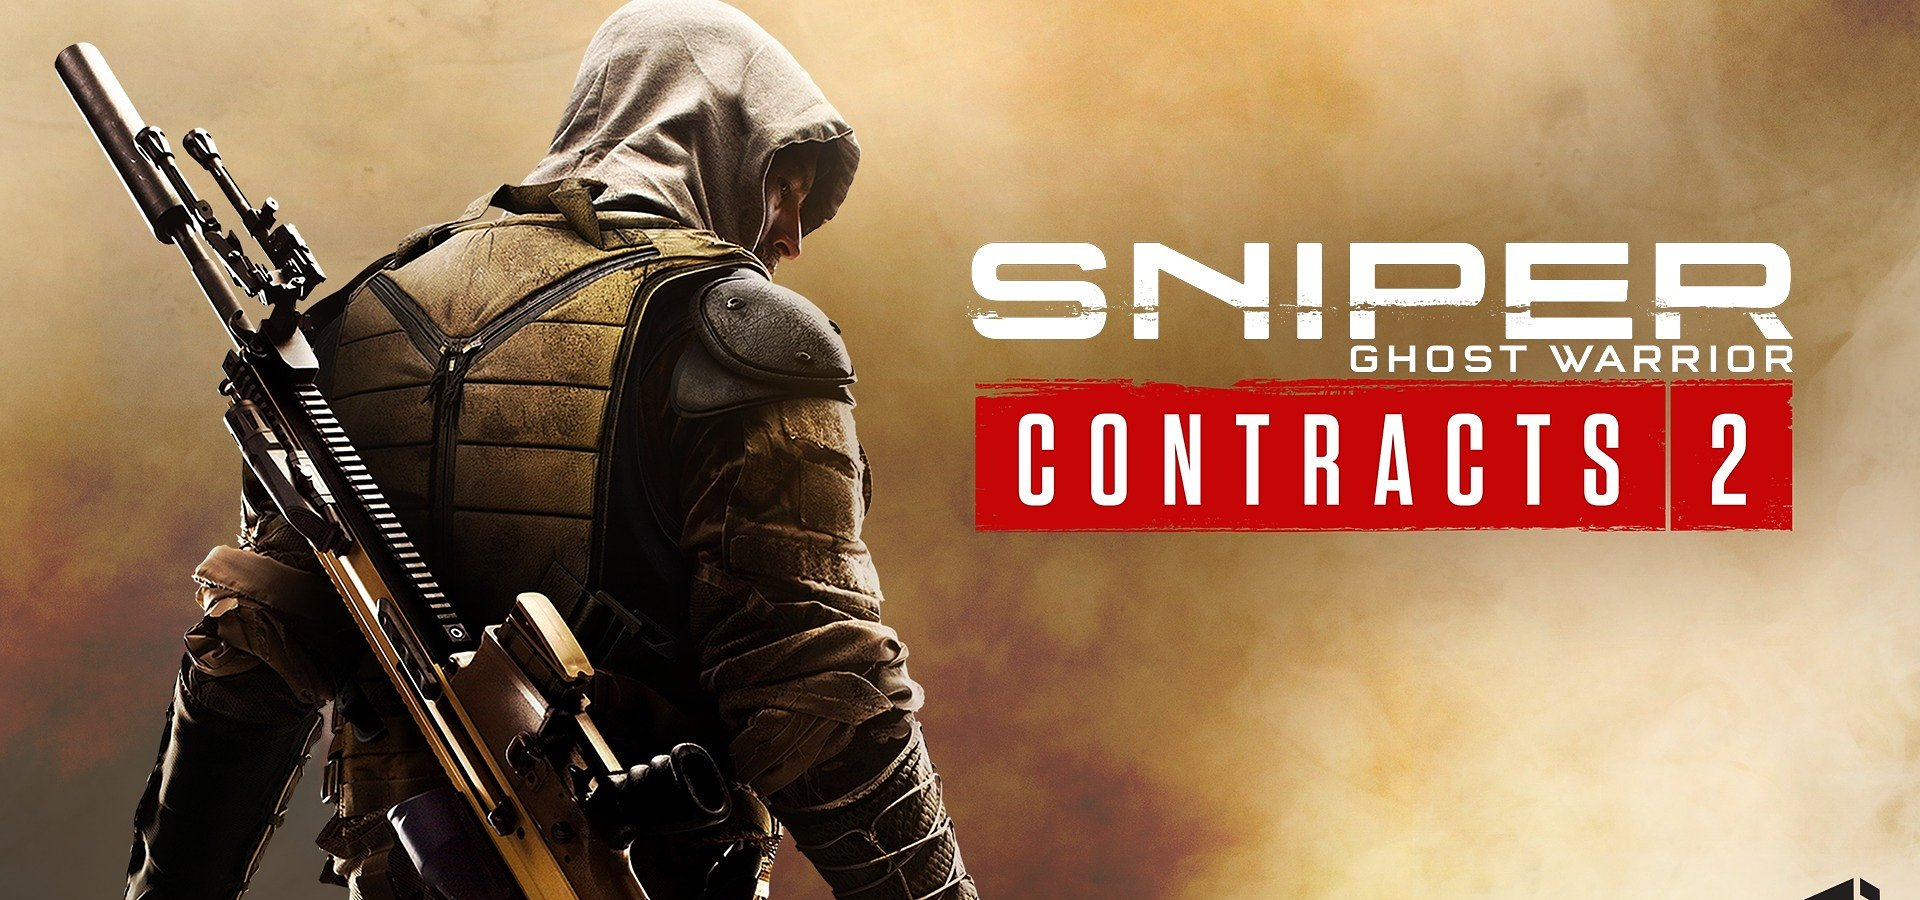 Sniper Ghost Warrior Contracts 2 z dużą aktualizacją Butcher's Banquet za darmo na wszystkich platformach